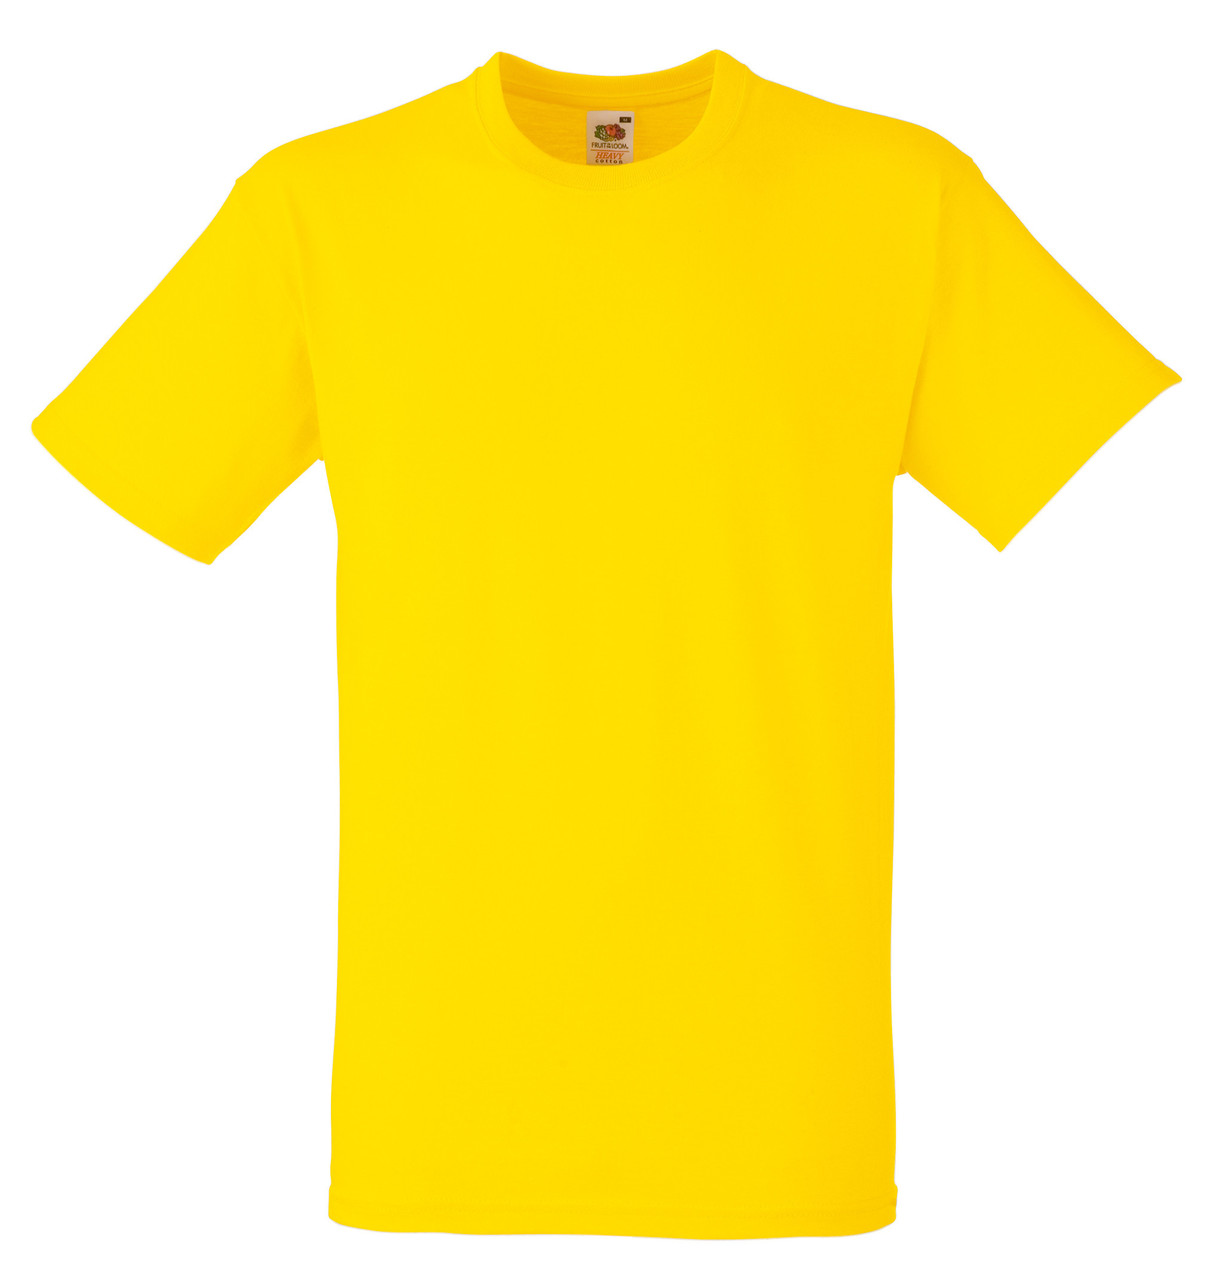 Мужская футболка Плотная Fruit of the loom Жёлтый 61-212-K2 3XL